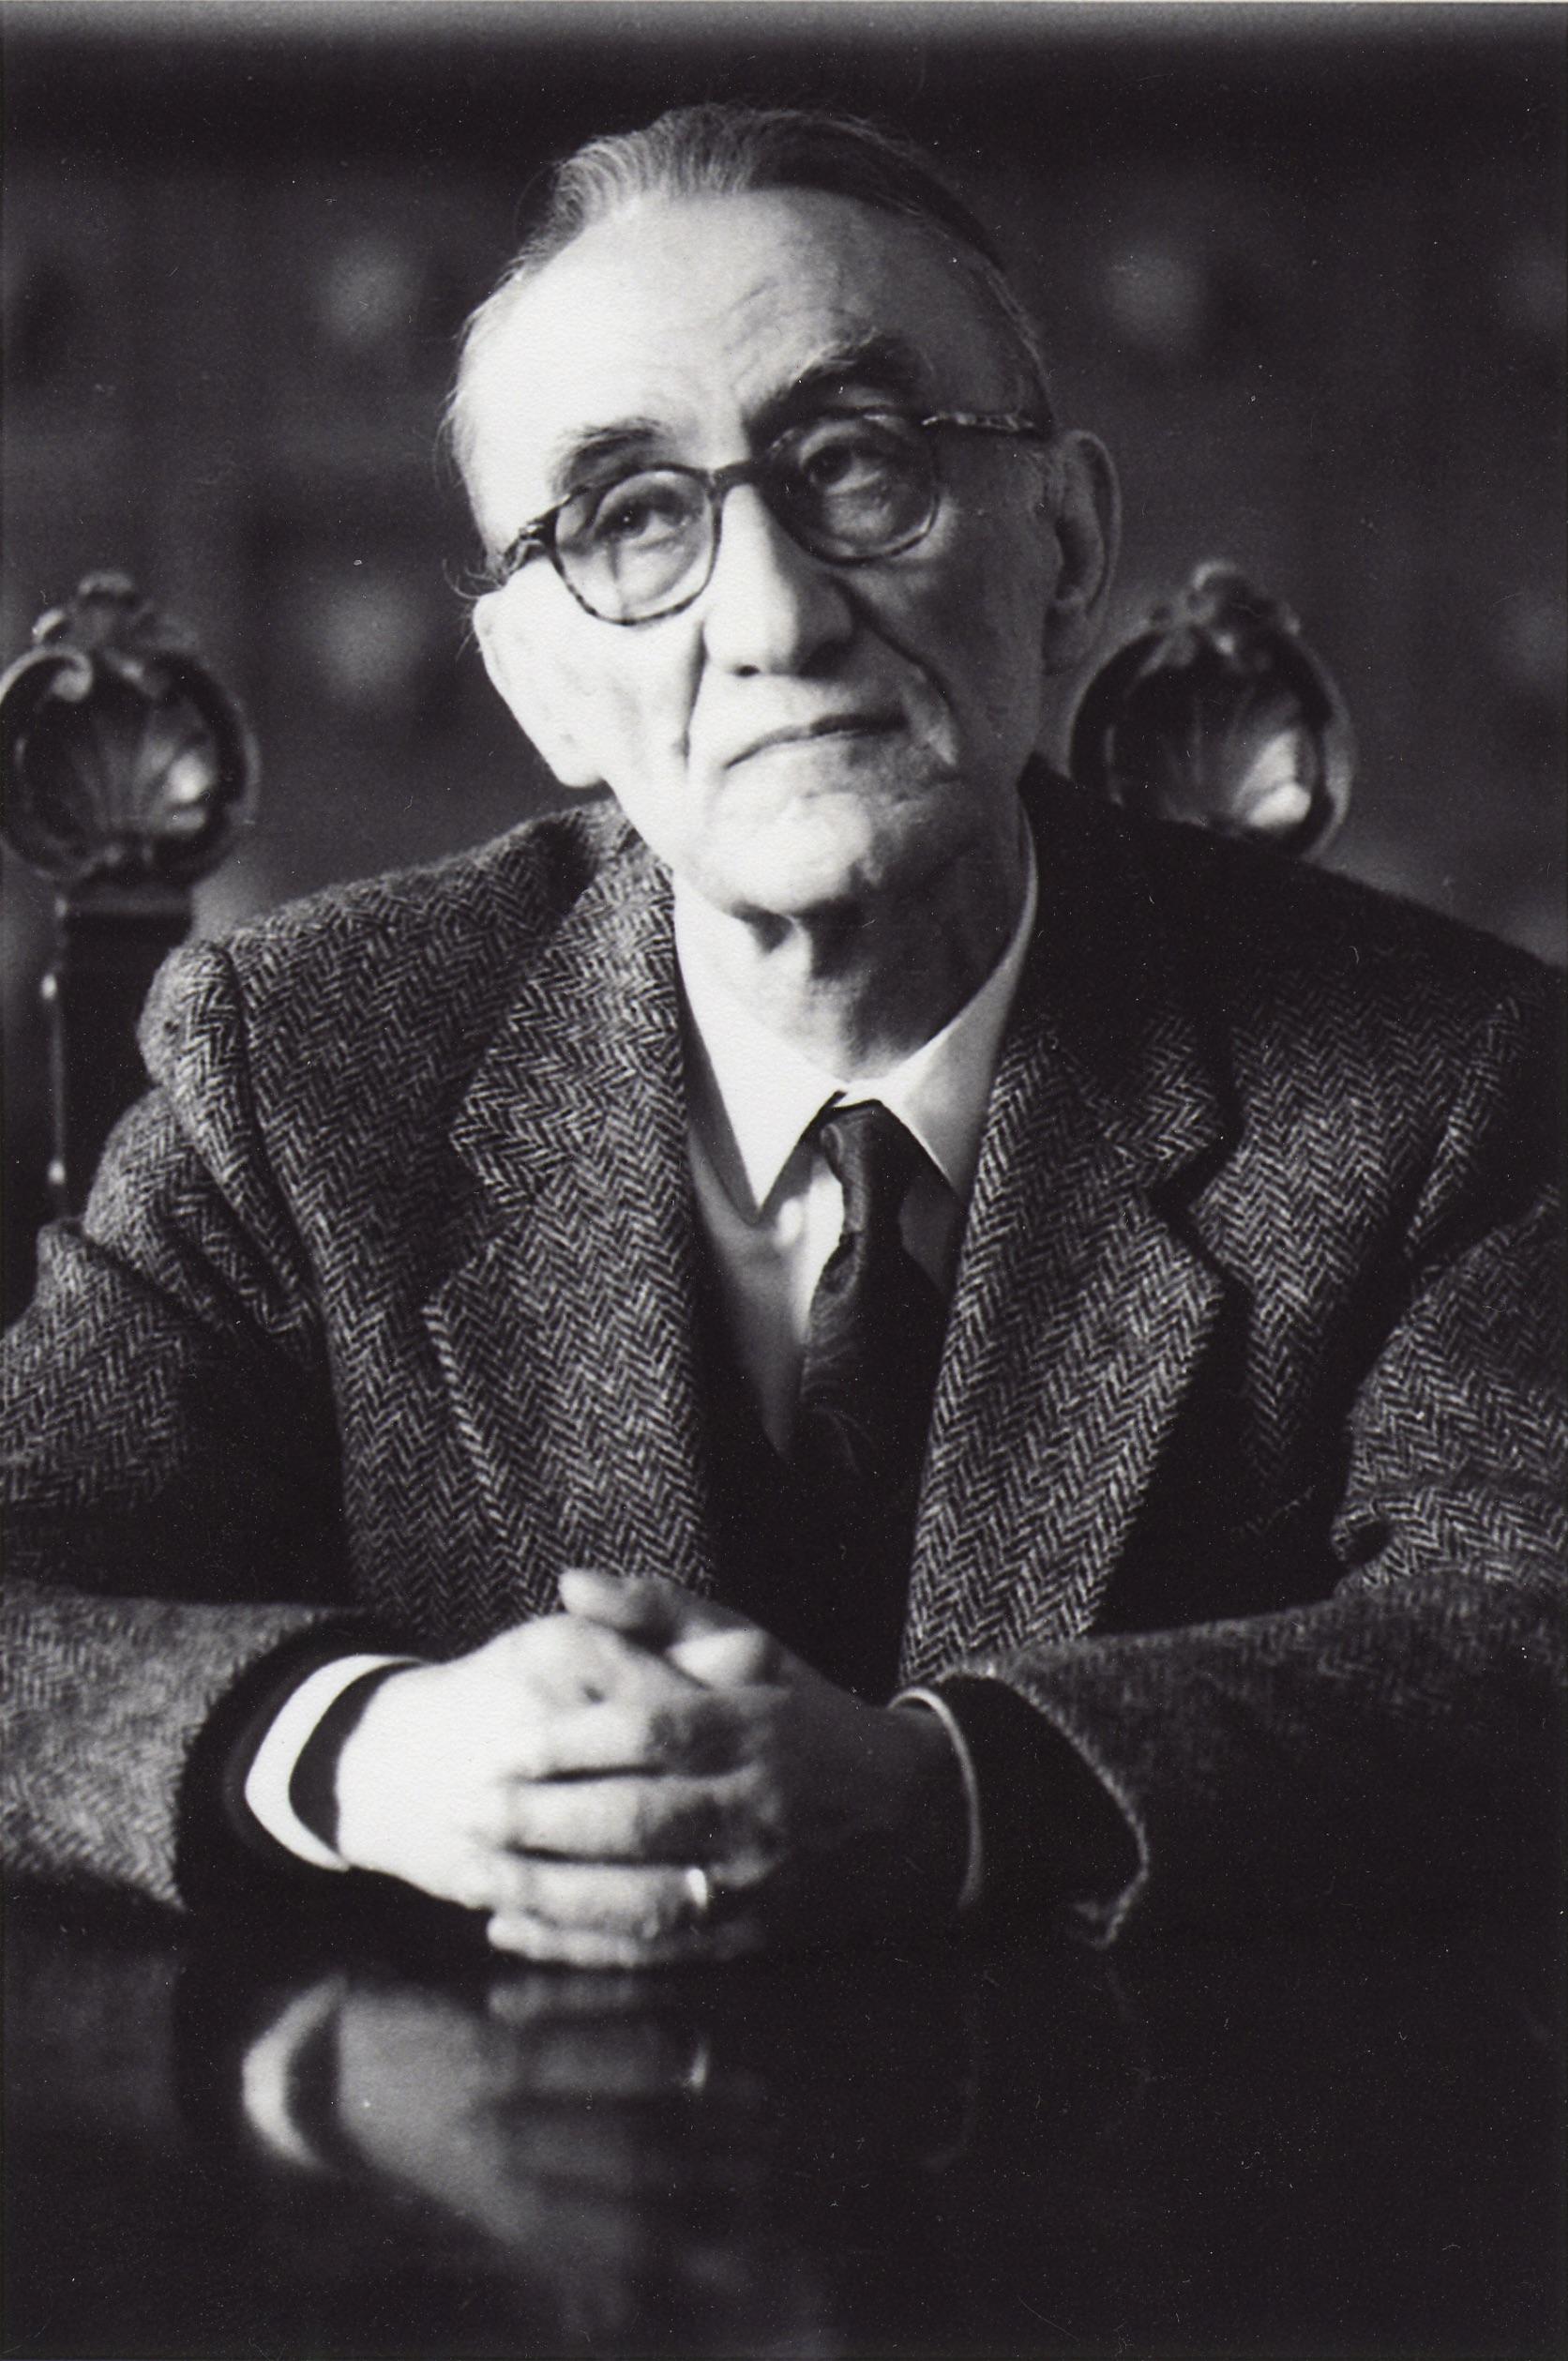 Francesco Mazzoni (1925-2007), filologo italiano, tra i massimi esperti del Novecento dell'opera di Dante.